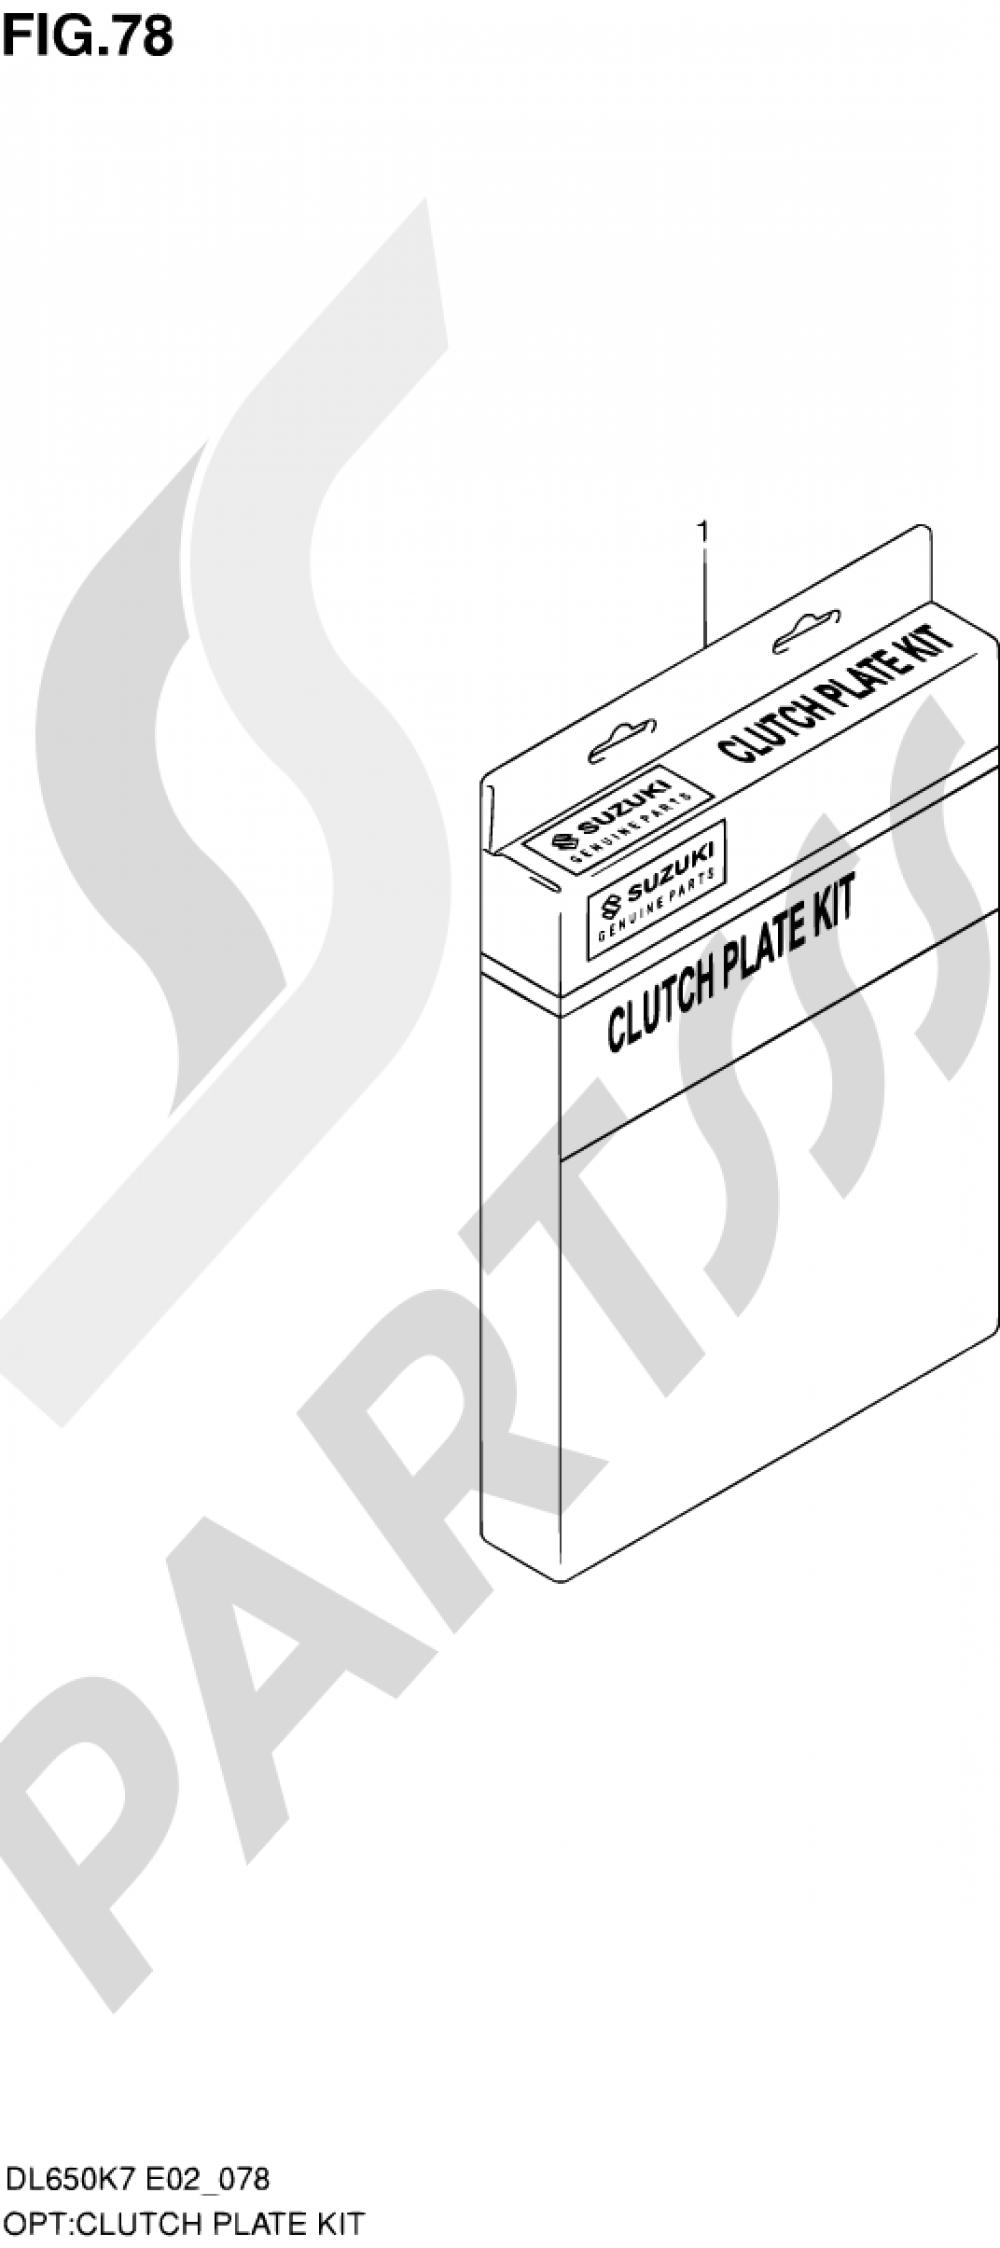 78 - CLUTCH PLATE KIT Suzuki VSTROM DL650A 2009